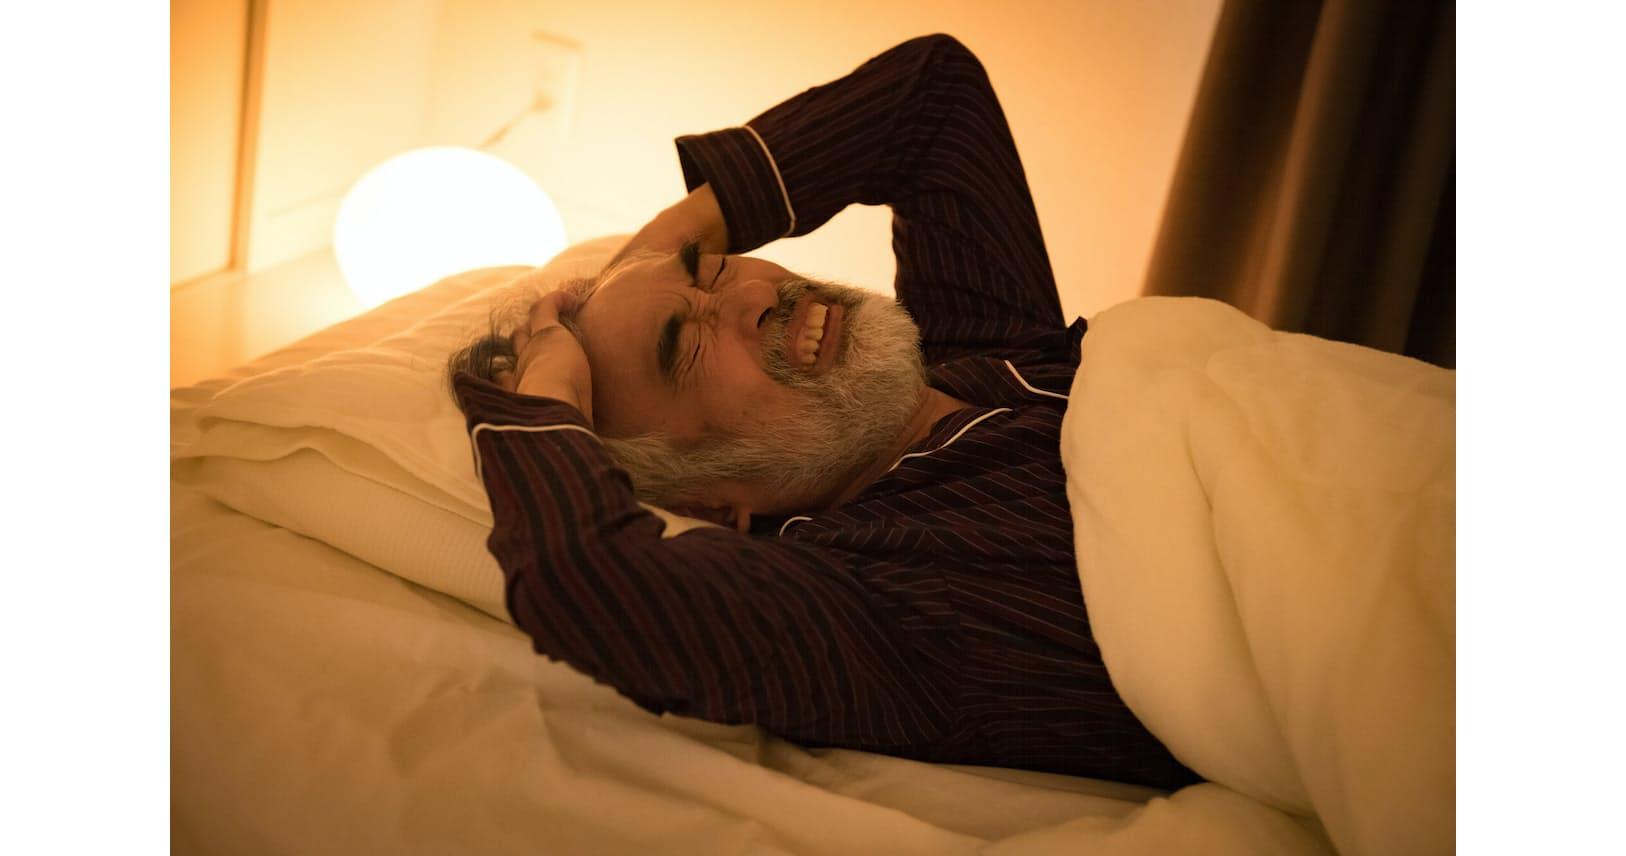 年を取ってもよく眠れるの? 「睡眠の老化」の実際